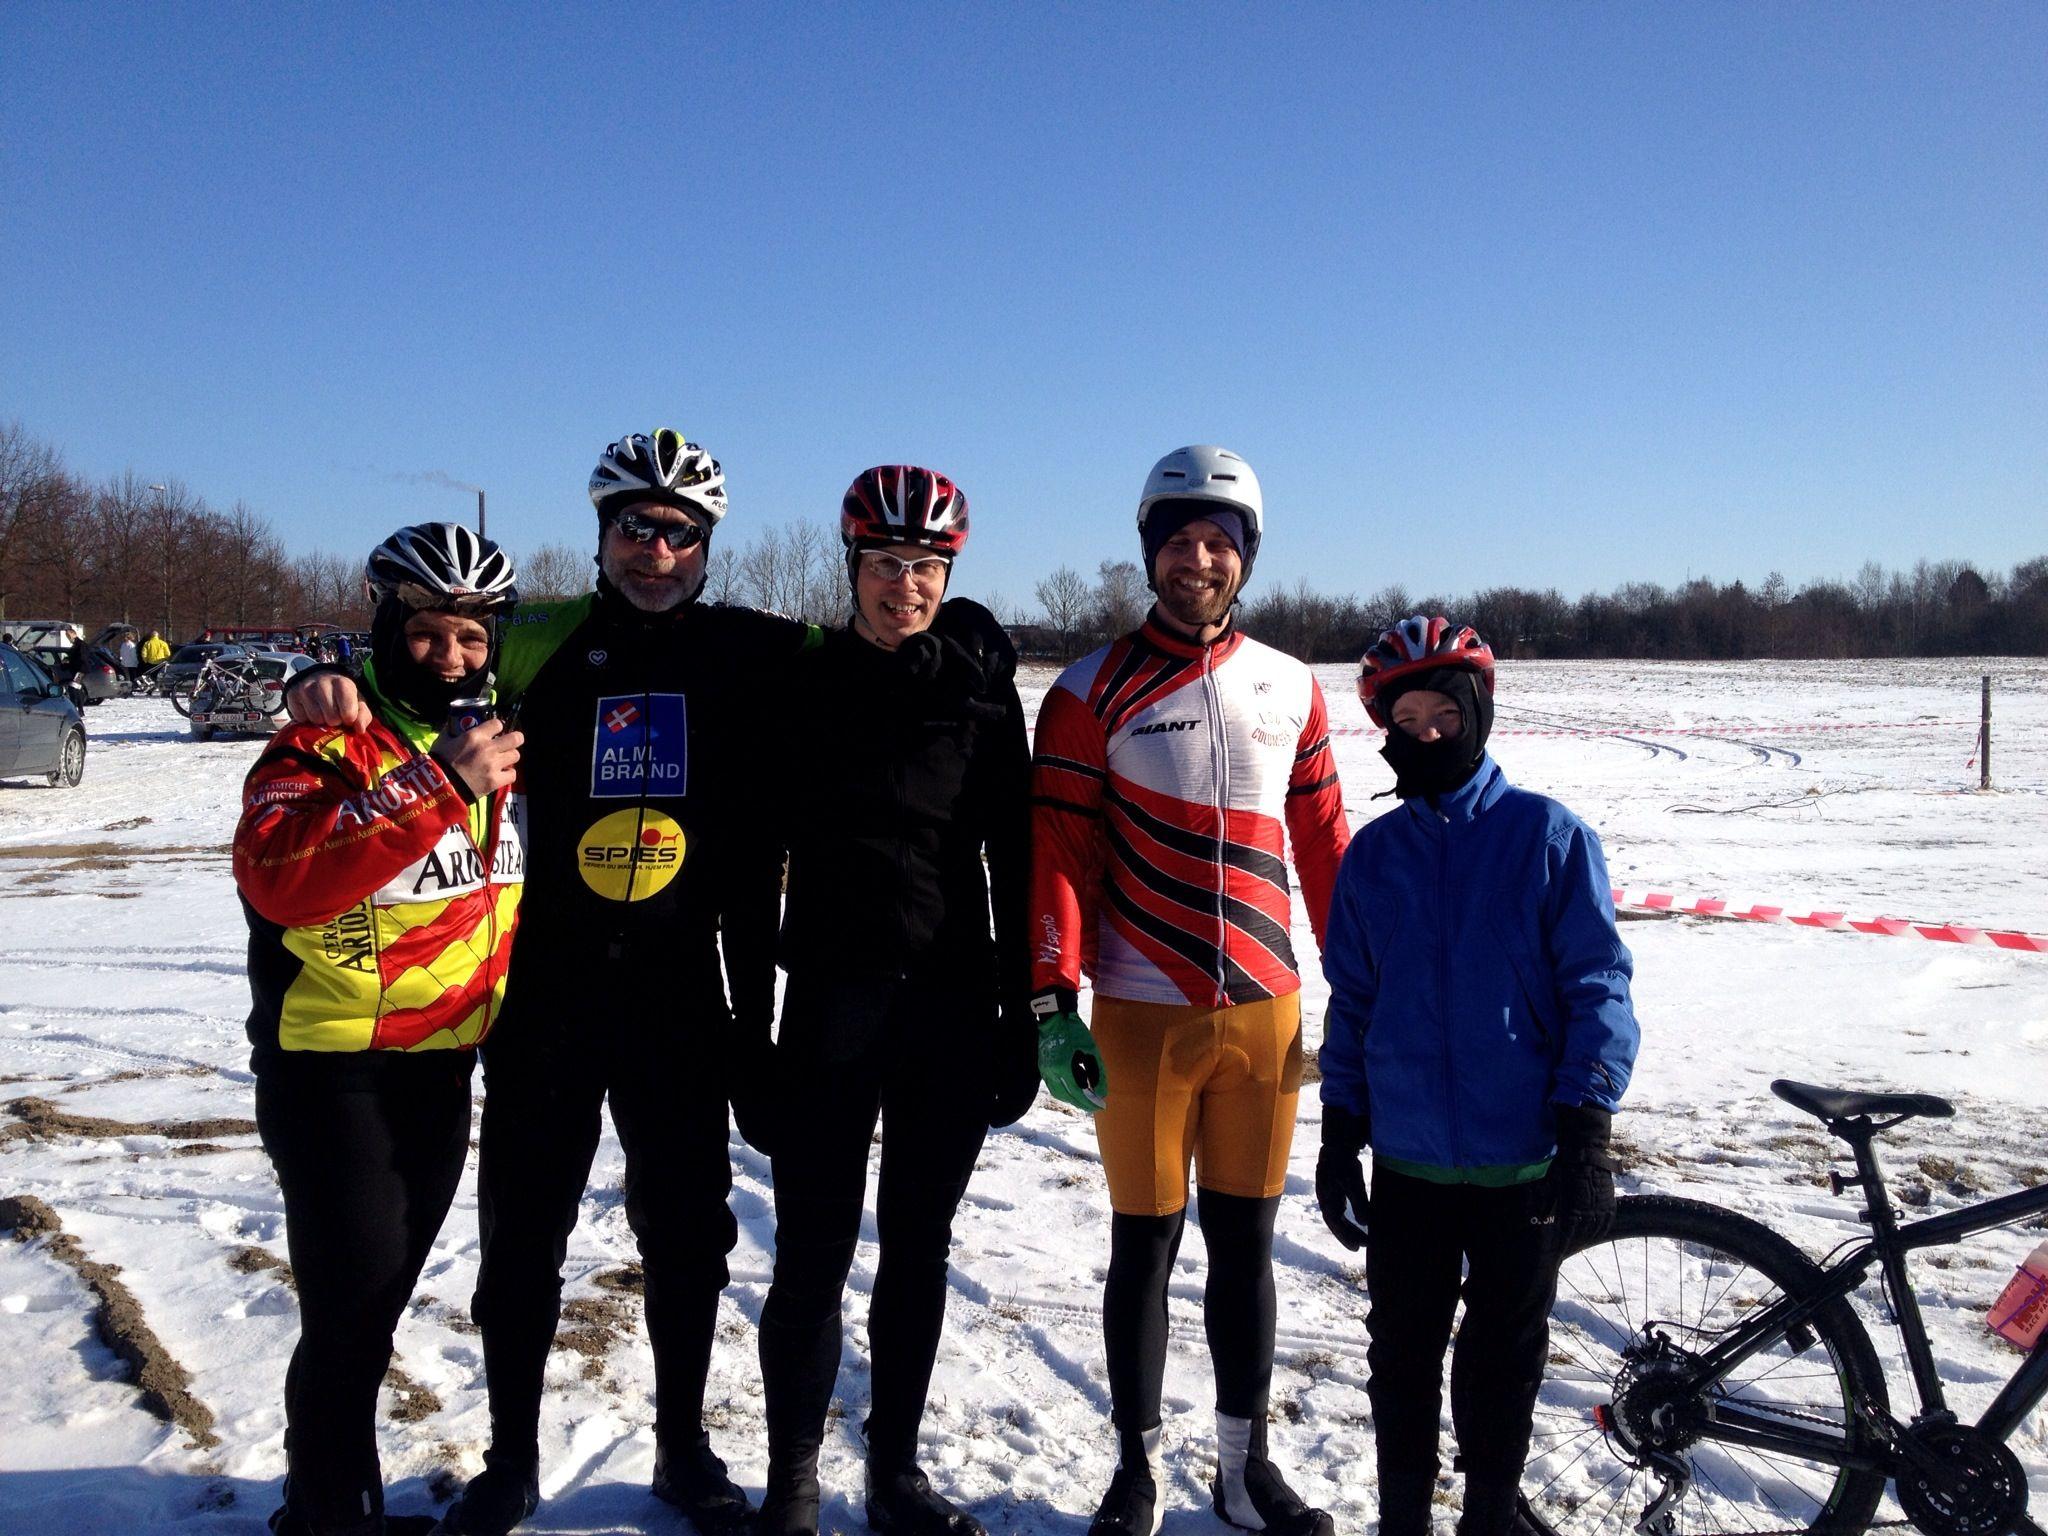 Iver, mig, Søren, Sune og Tobias samler ind til Cykle Mod Cancer indsamling imod kraft.